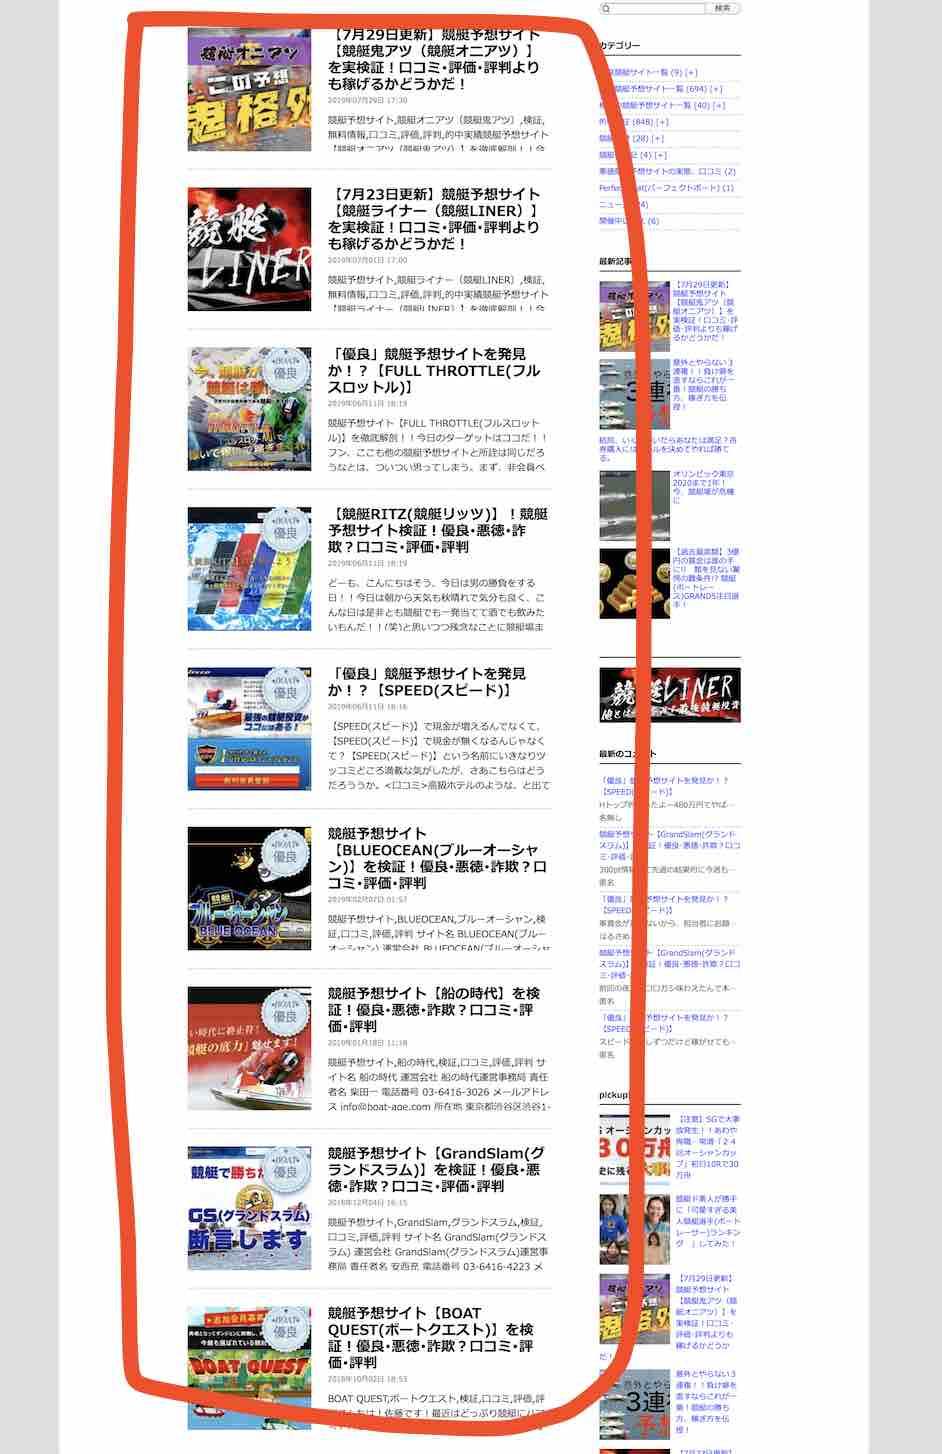 競艇鬼アツ(競艇オニアツ)という競艇予想サイトを推すブログ3段目の推奨サイト